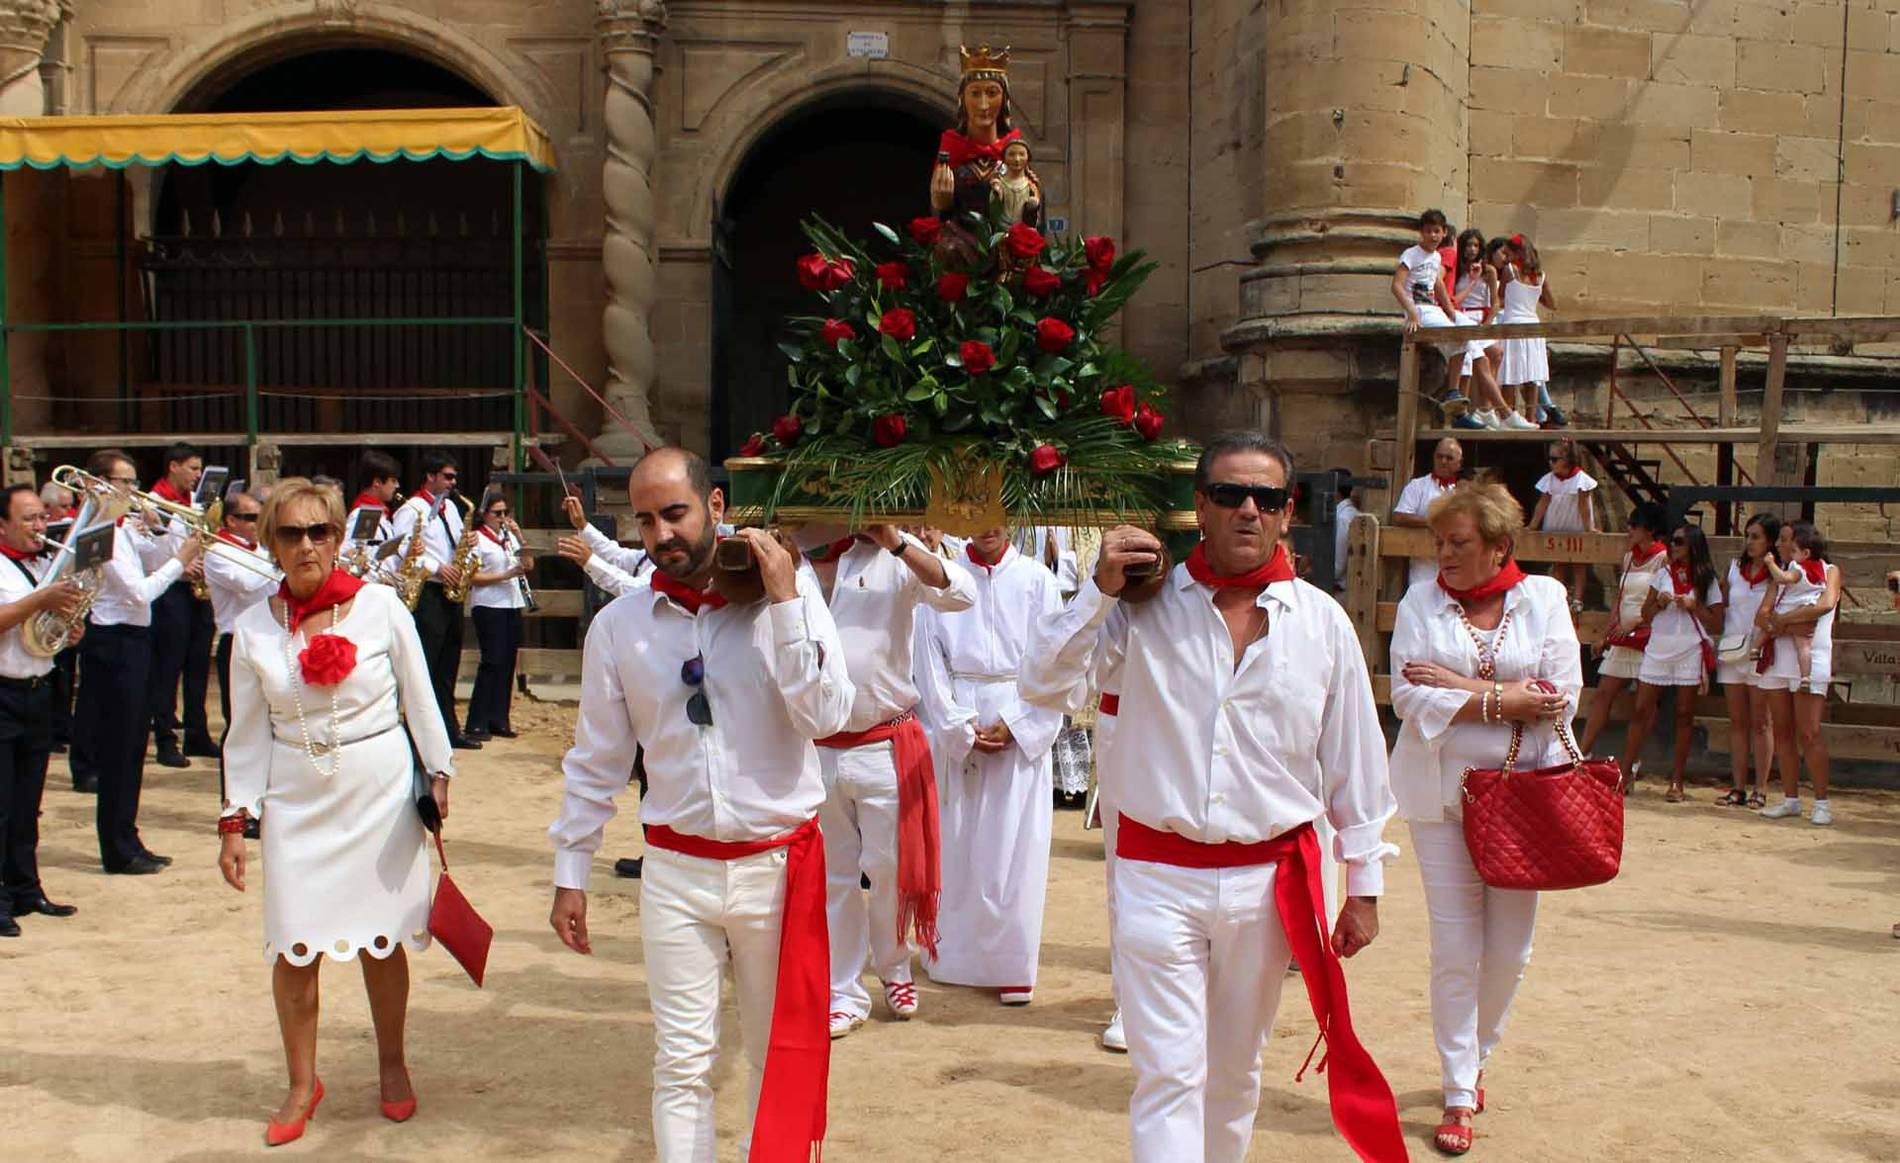 Segundo día de las fiestas de Lerín (1/7) - Imágenes de la procesión de la Virgen de la Asunción y la Banda de Música. - Tierra Estella -